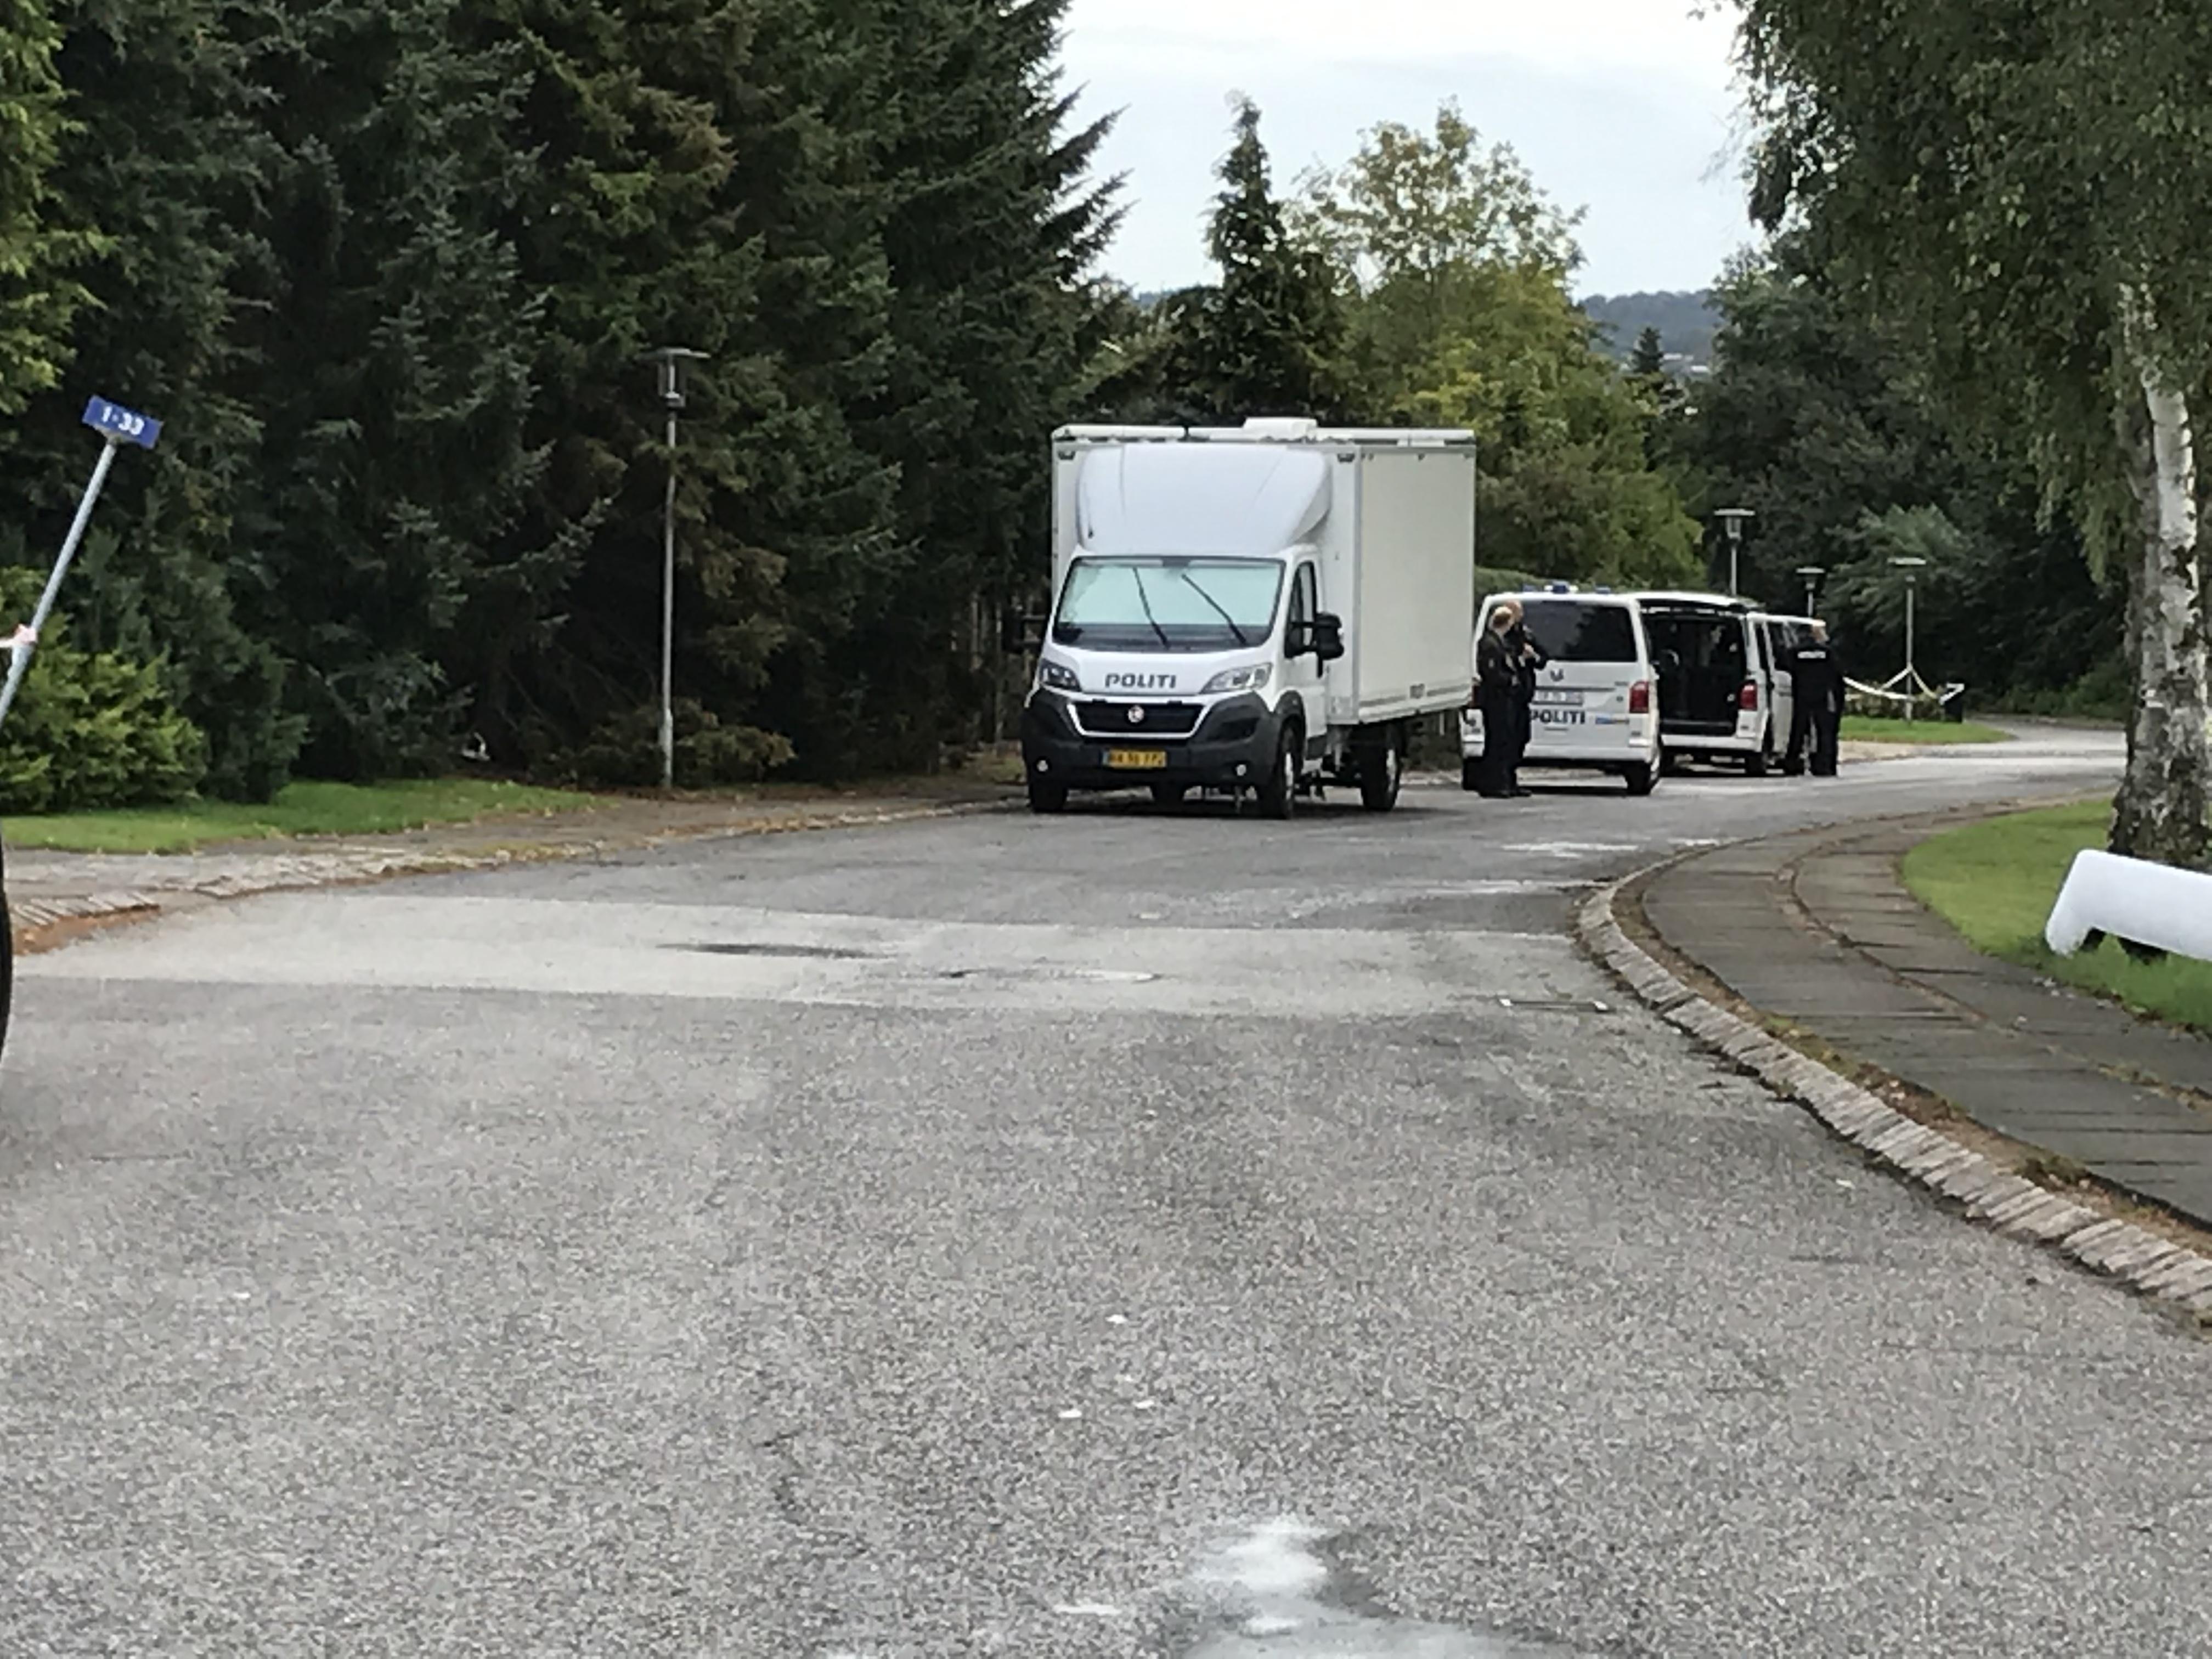 Vidner søges i forbindelse med dødsfald i Erritsø